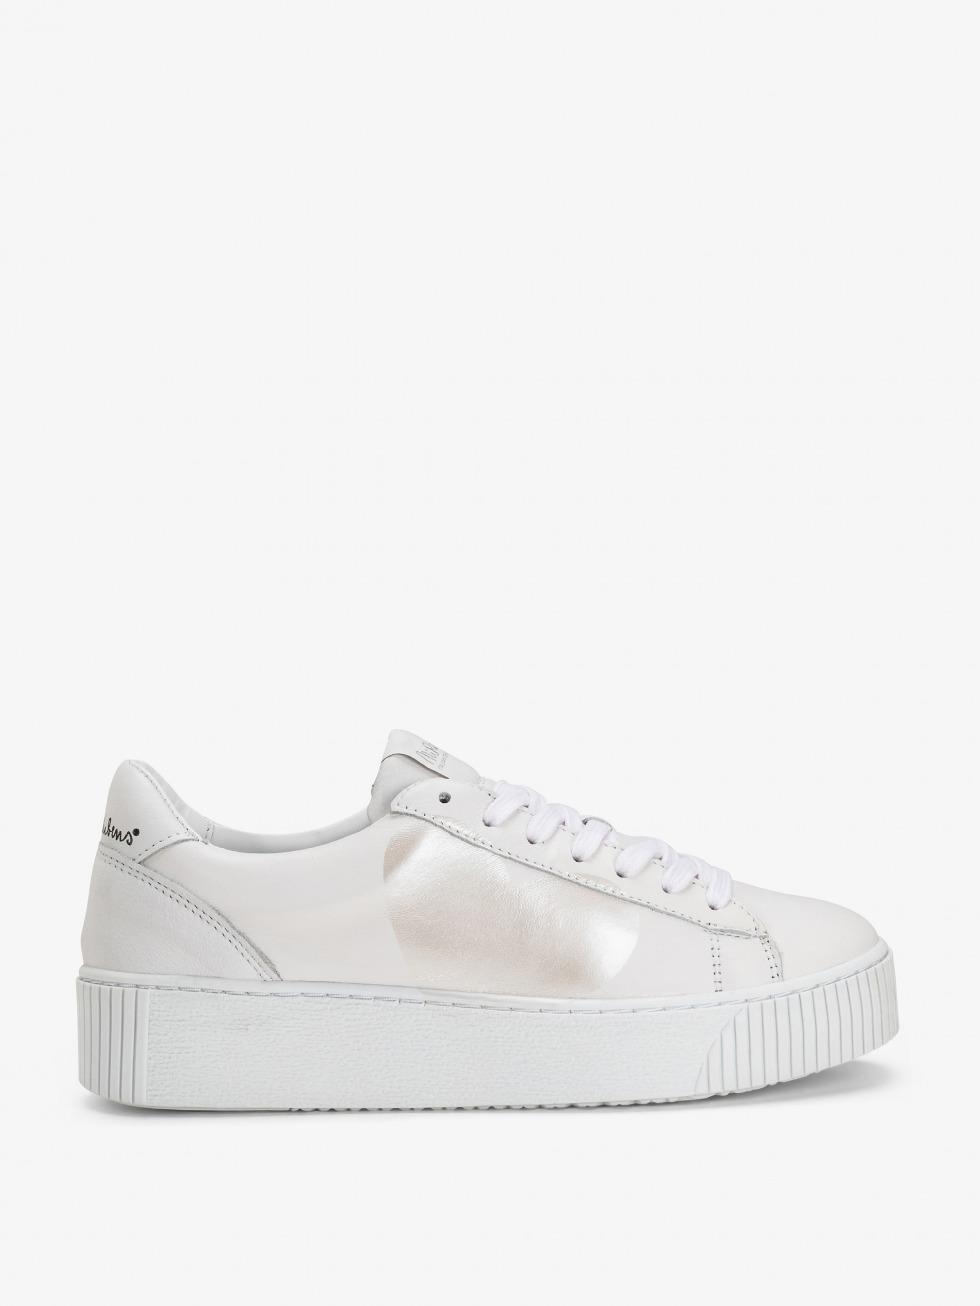 Sneakers Cosmopolitan - Cuore Madreperla